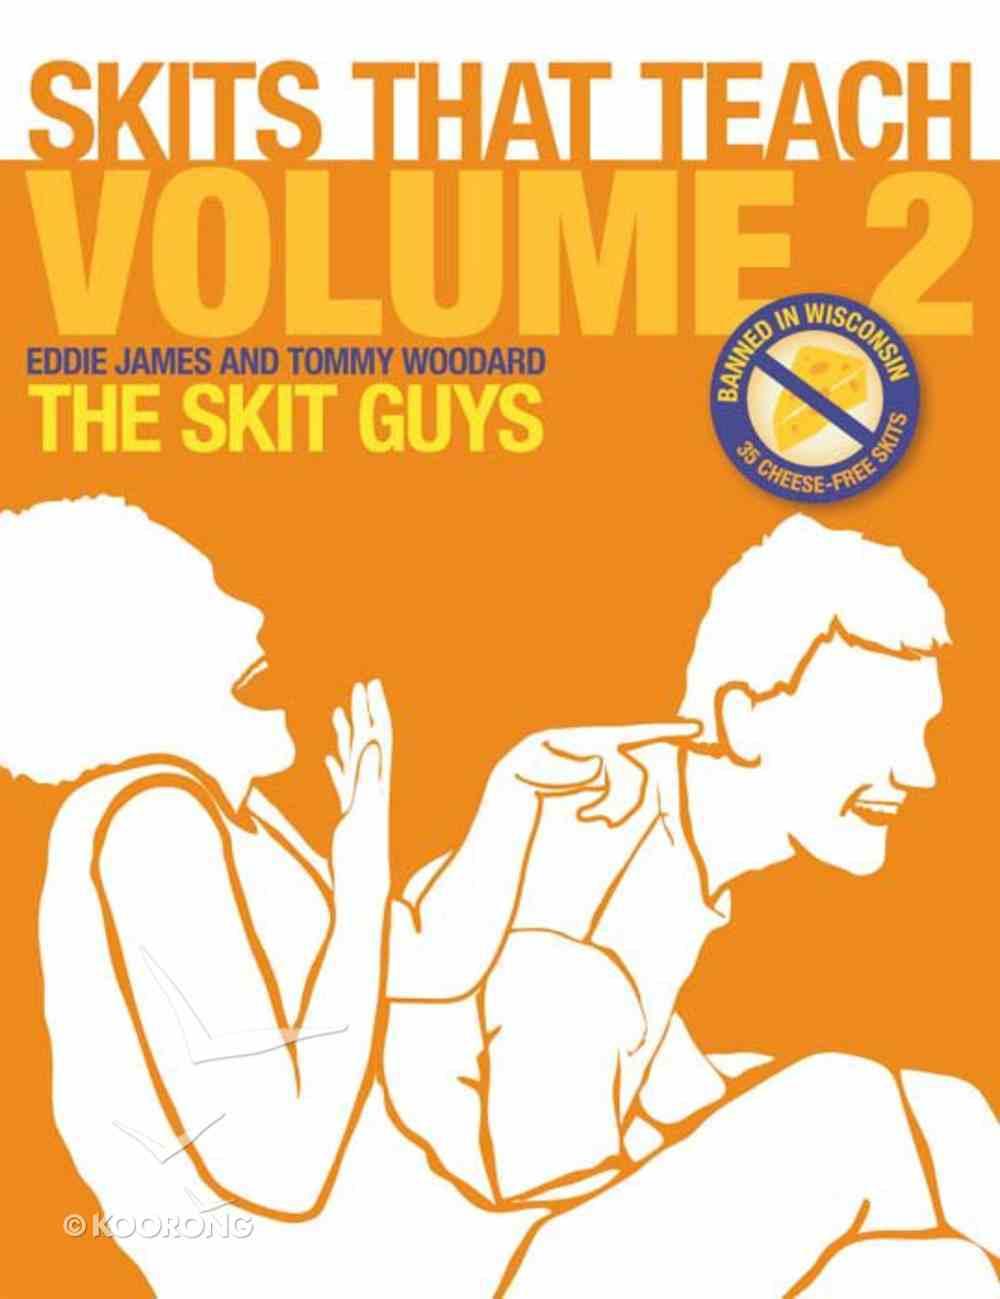 Skits That Teach (Vol 2) eBook